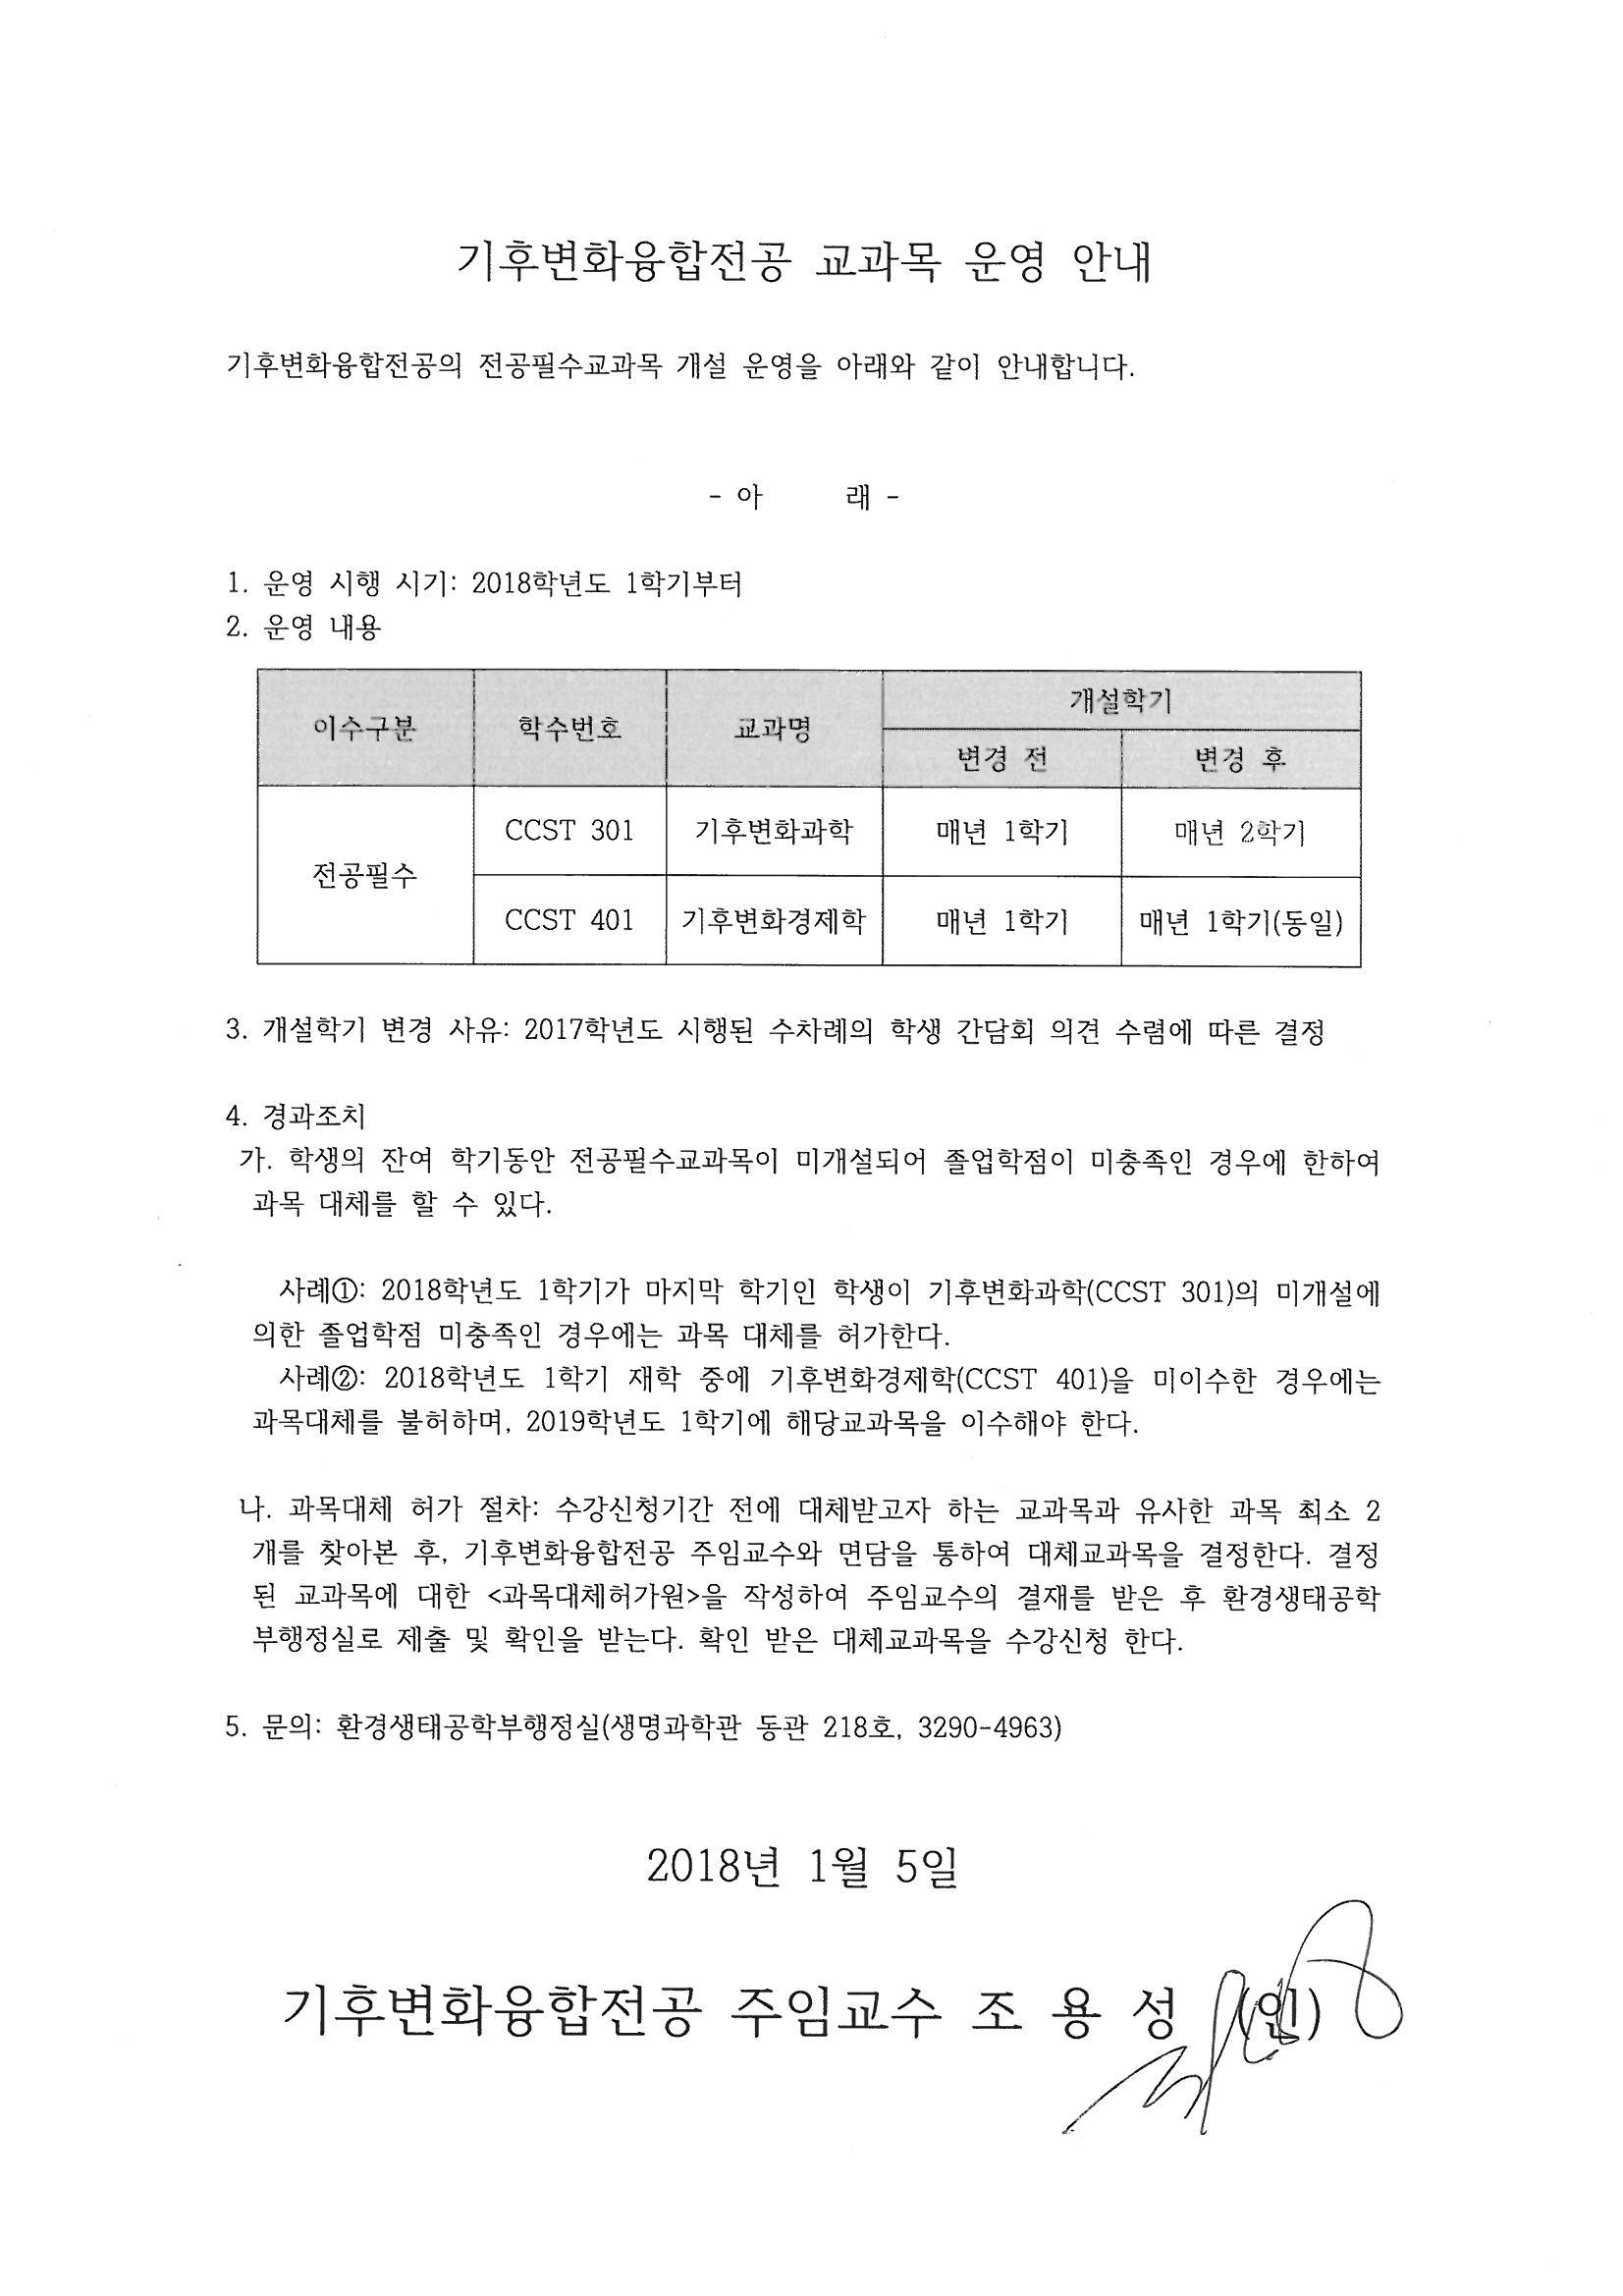 기후변화융합전공 교과목 운영 안내(2018학년도 1학기부터 시행)